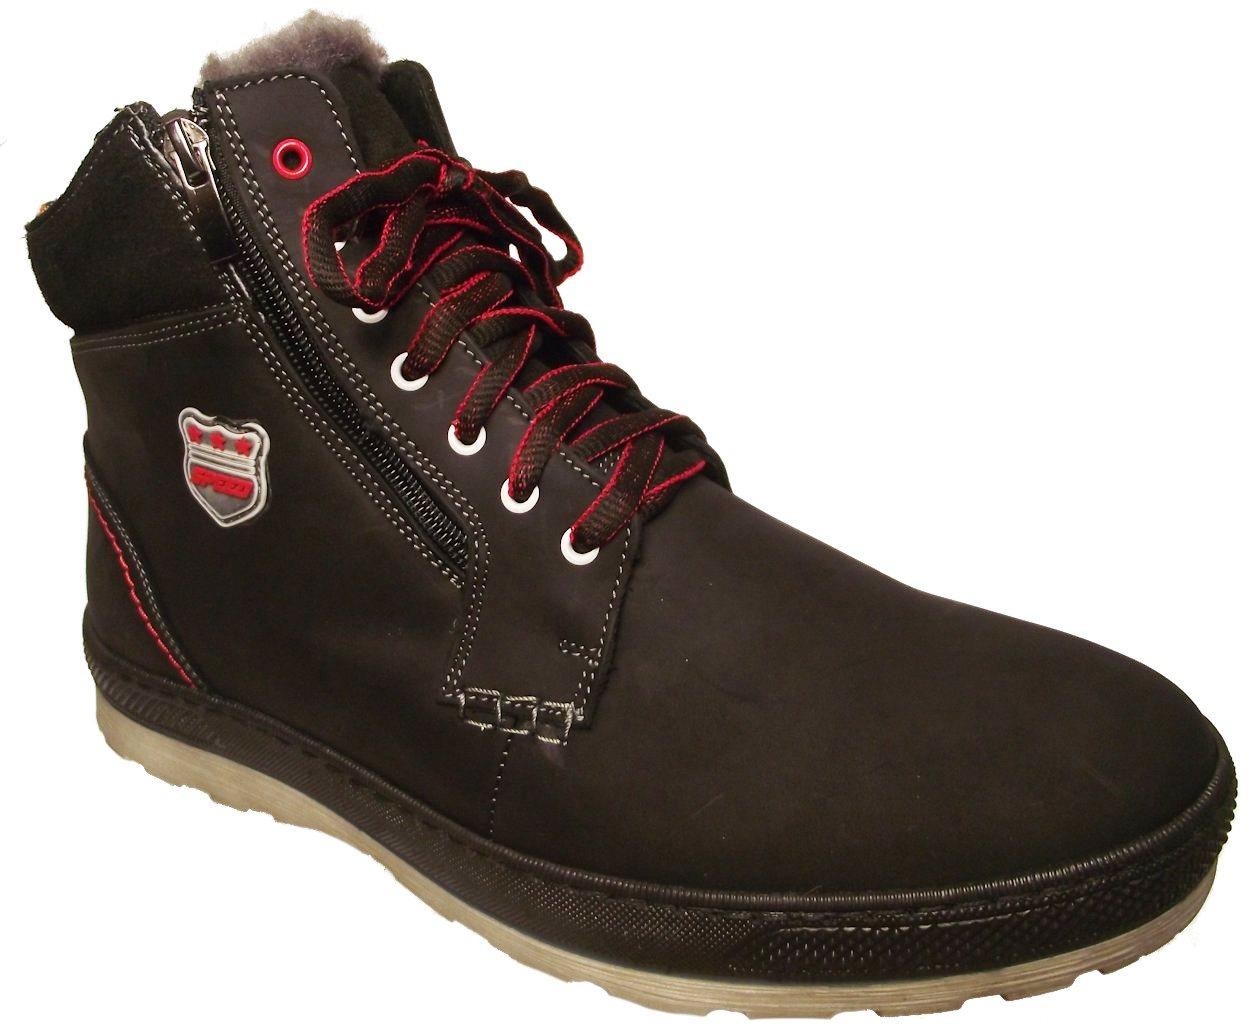 Pánská zimní kotníková obuv Hujo 2569 černá Velikost: 42 (EU)